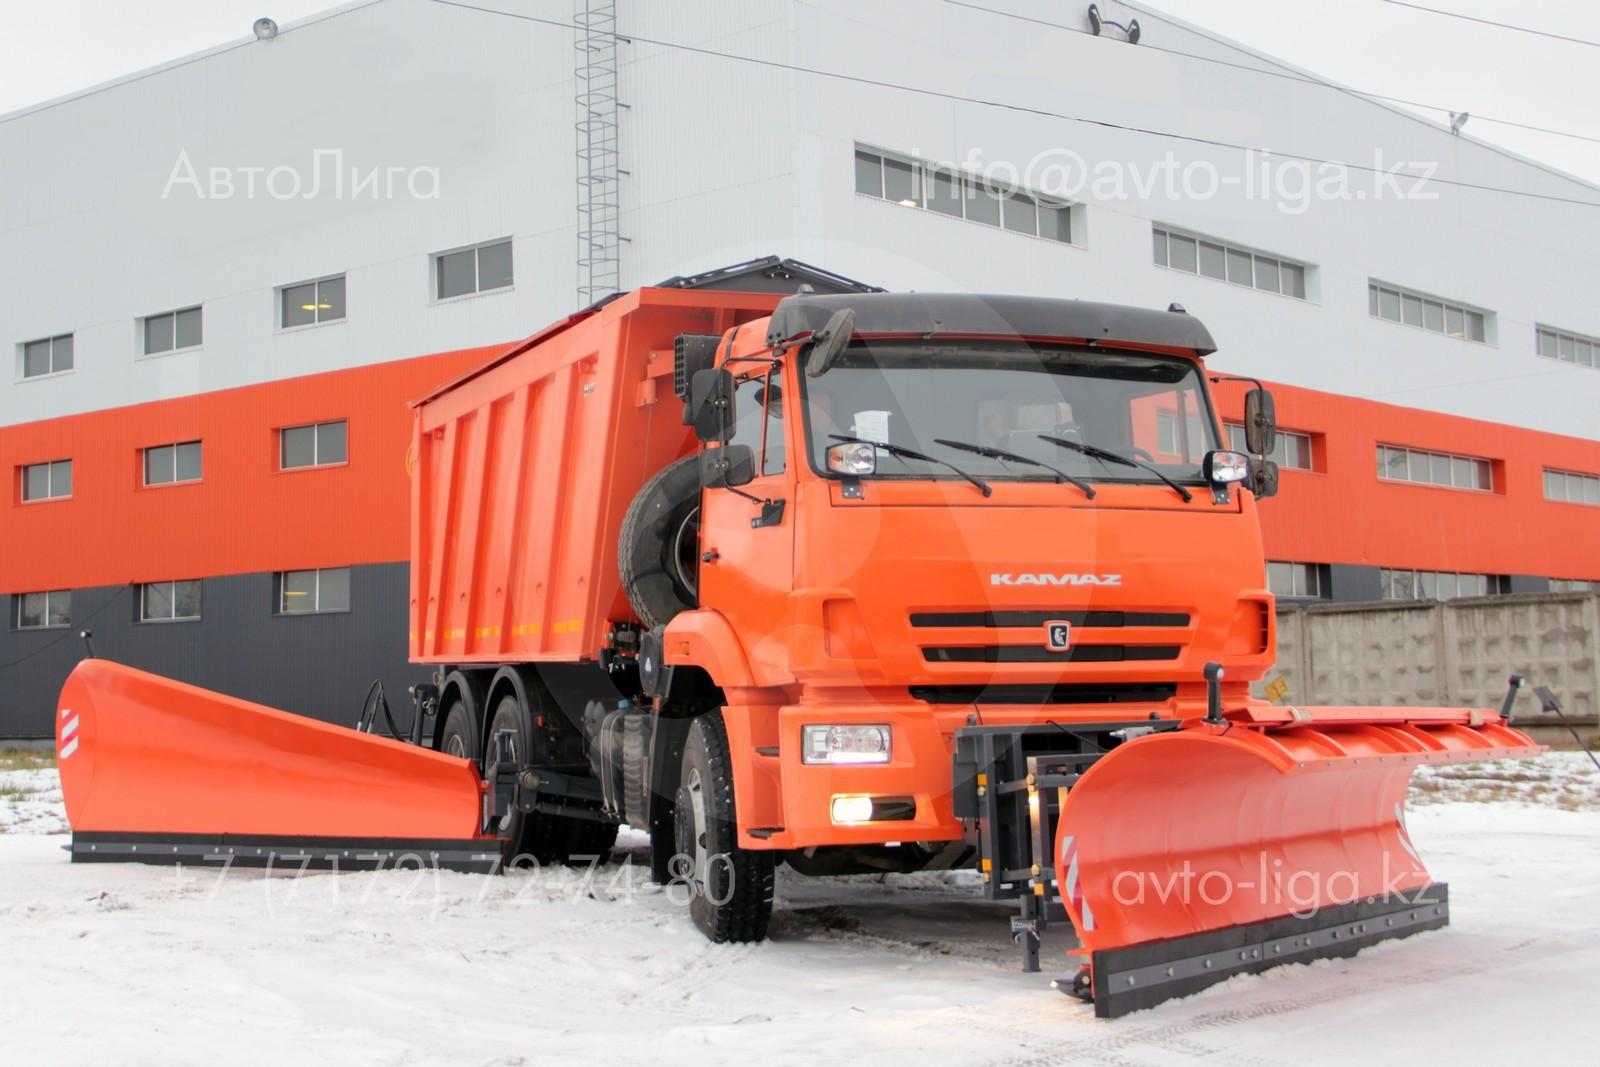 МКДУ-3